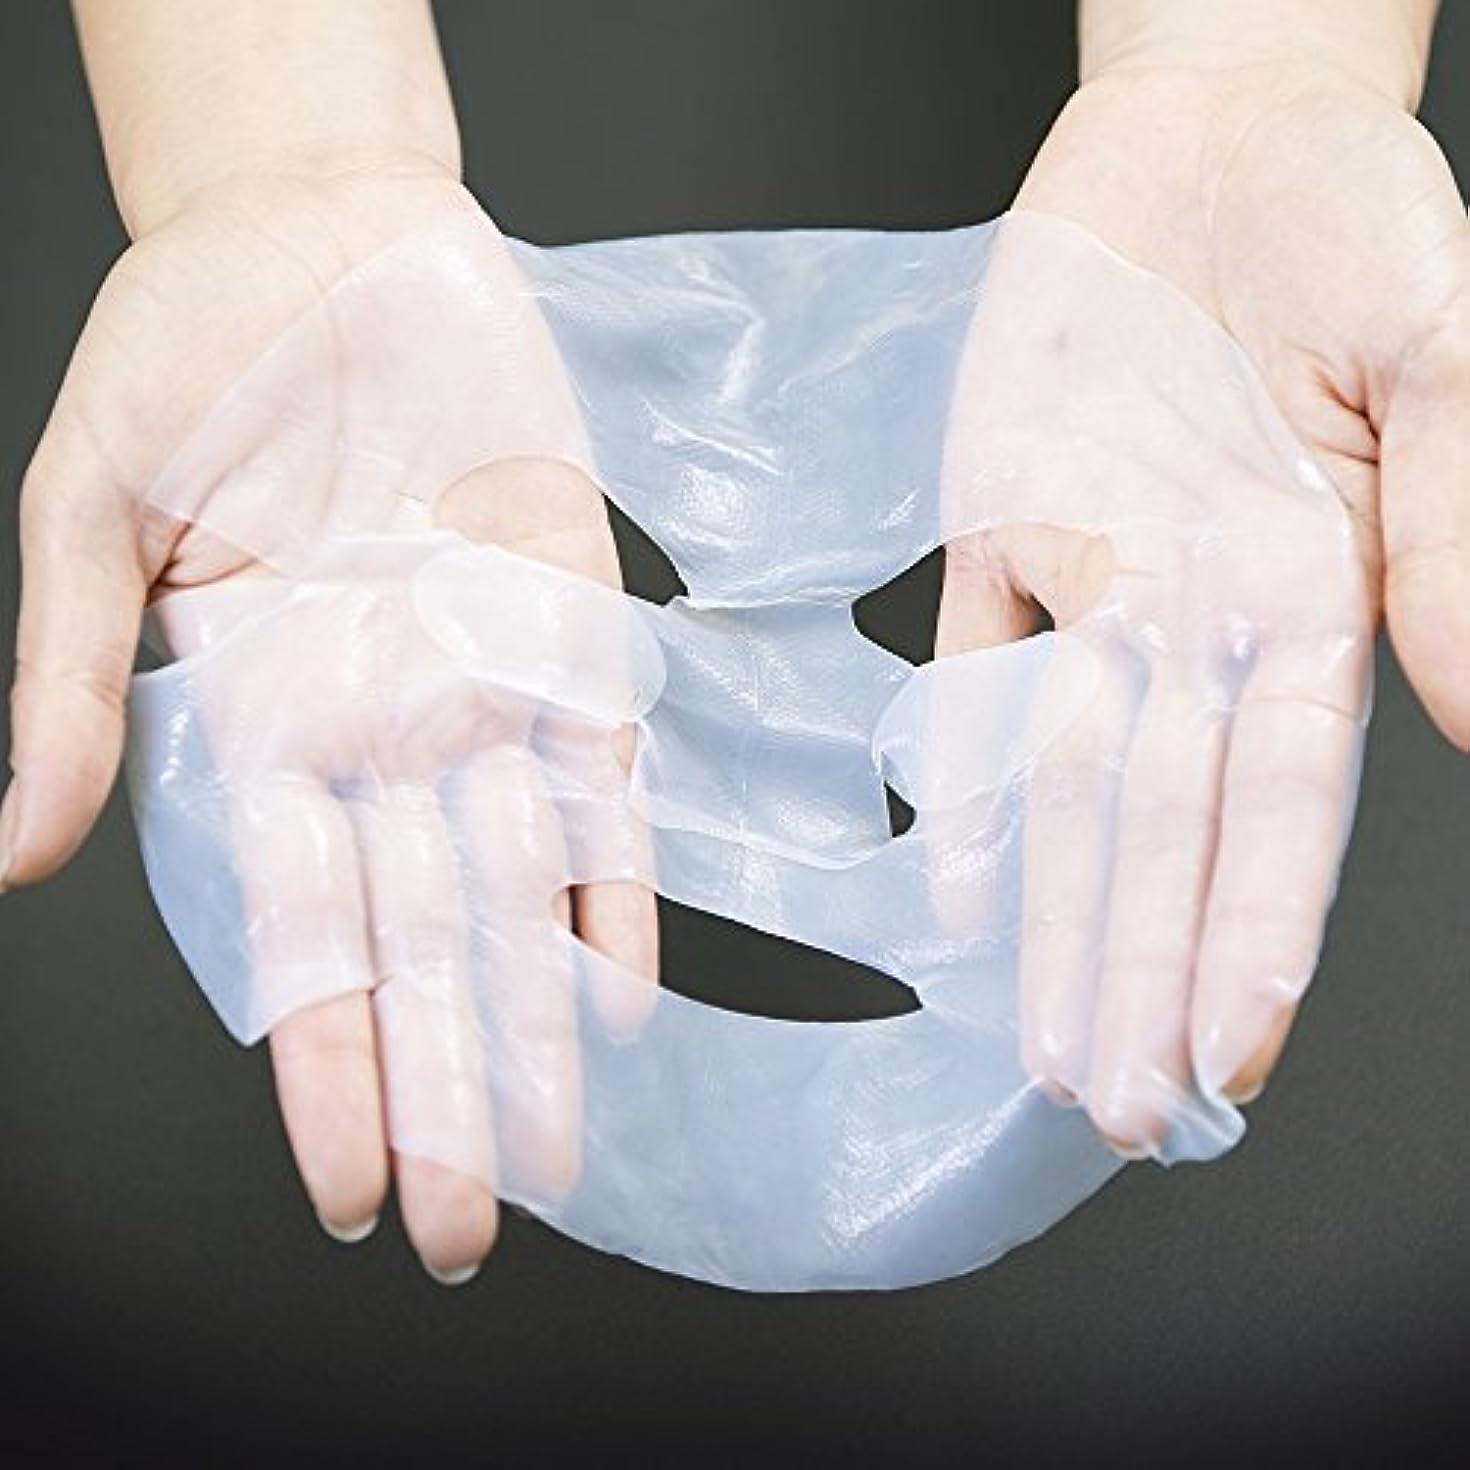 不定ソファー注目すべきヒト幹細胞化粧品 ディアガイア フェイスパック 5枚セット